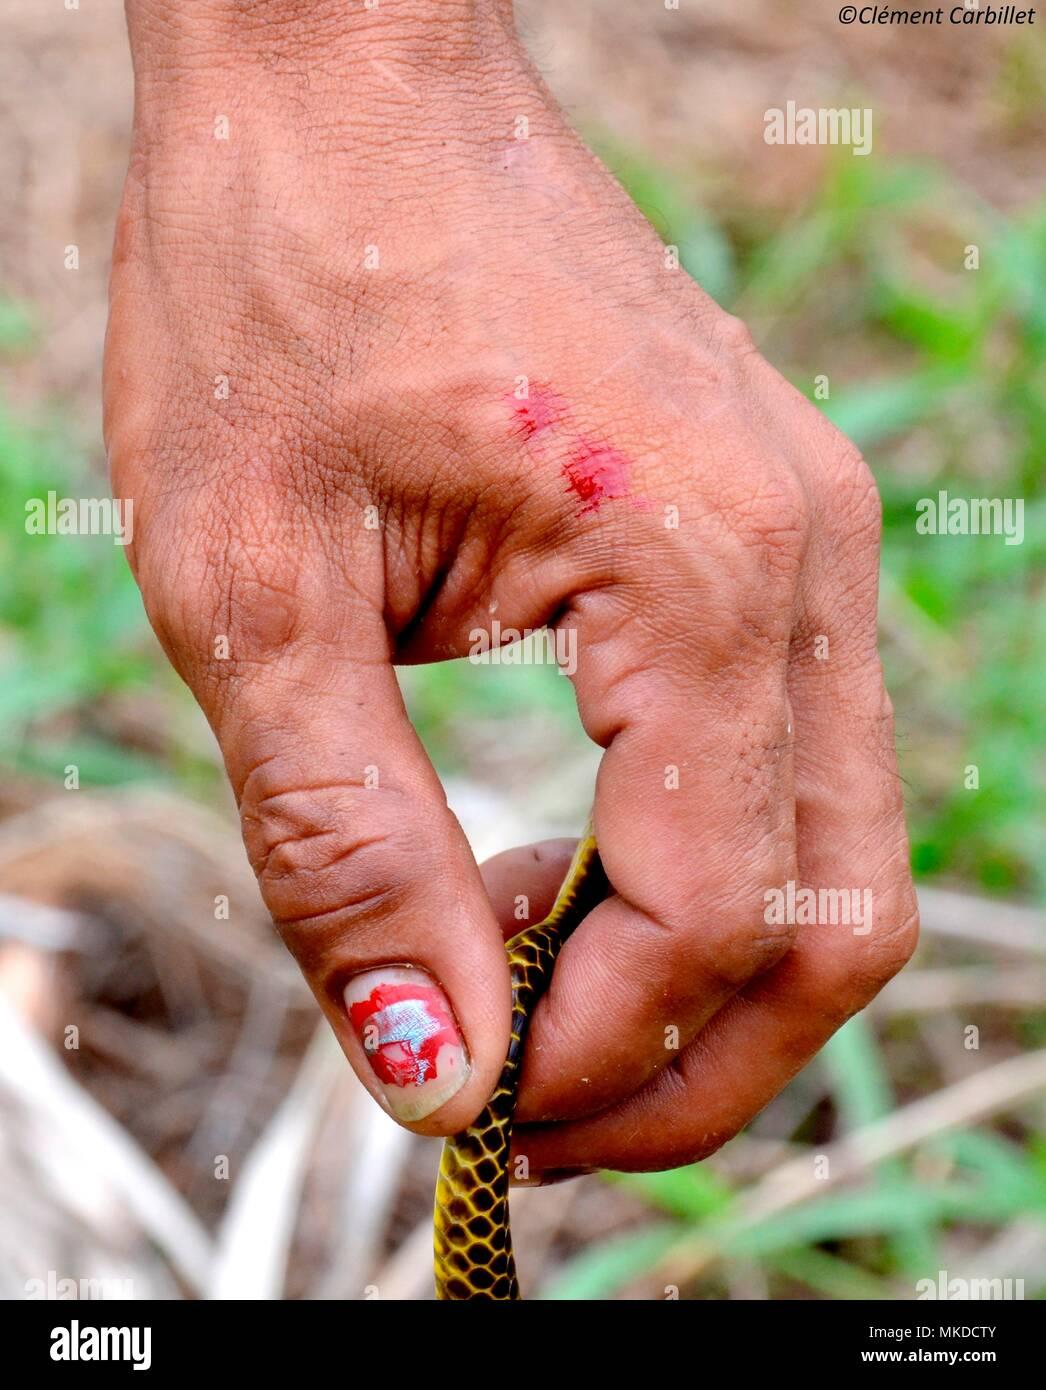 snake bite hand stock photos amp snake bite hand stock